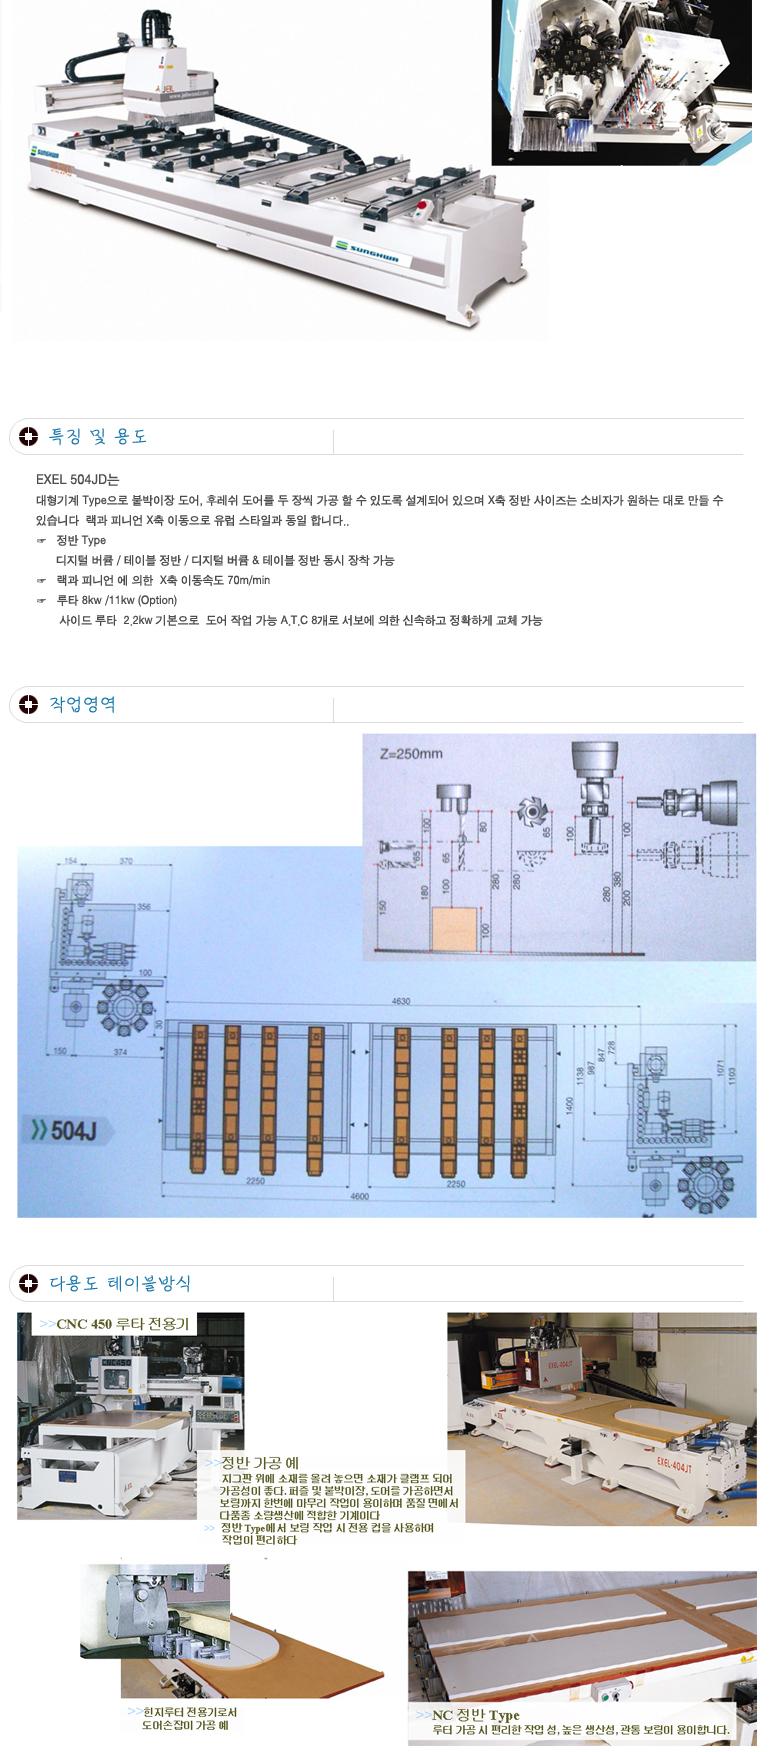 (주)성화우드라인 포인트보링기 EXEL-504JD